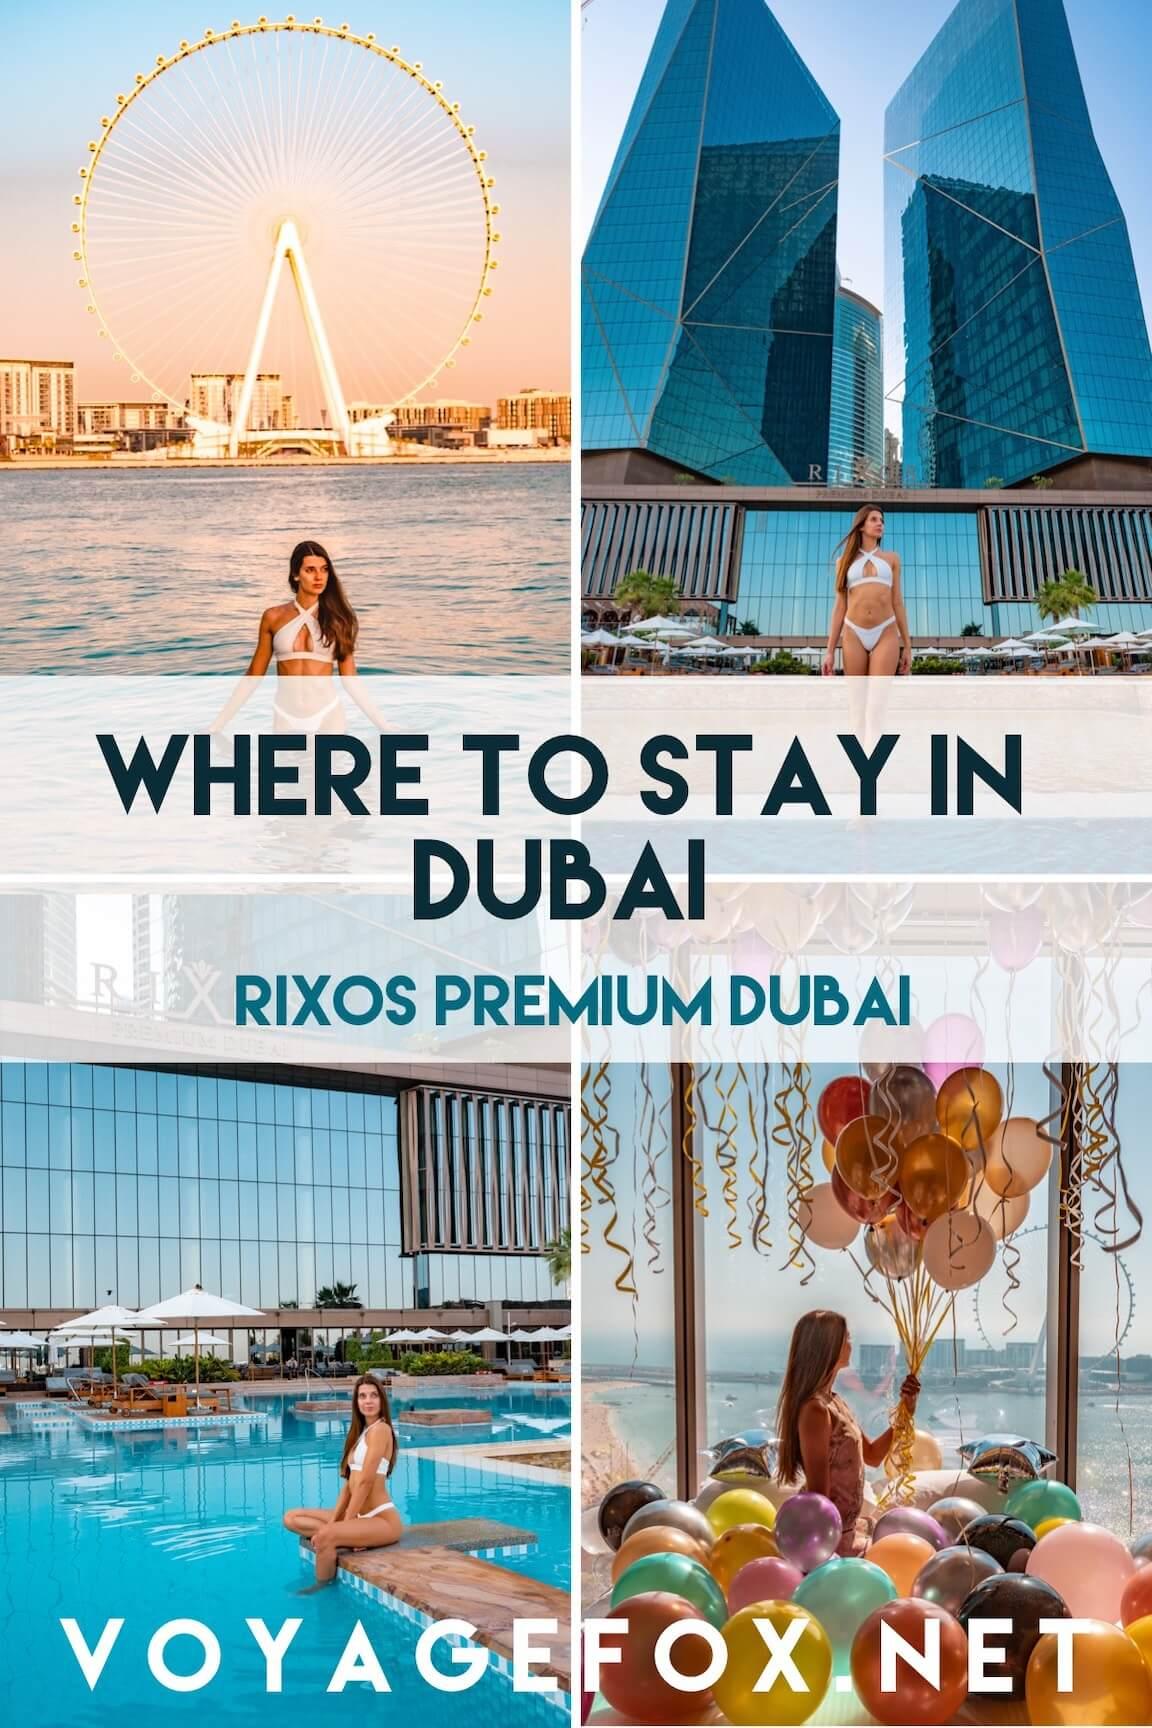 Where to stay in Dubai - The Rixos Premium Dubai